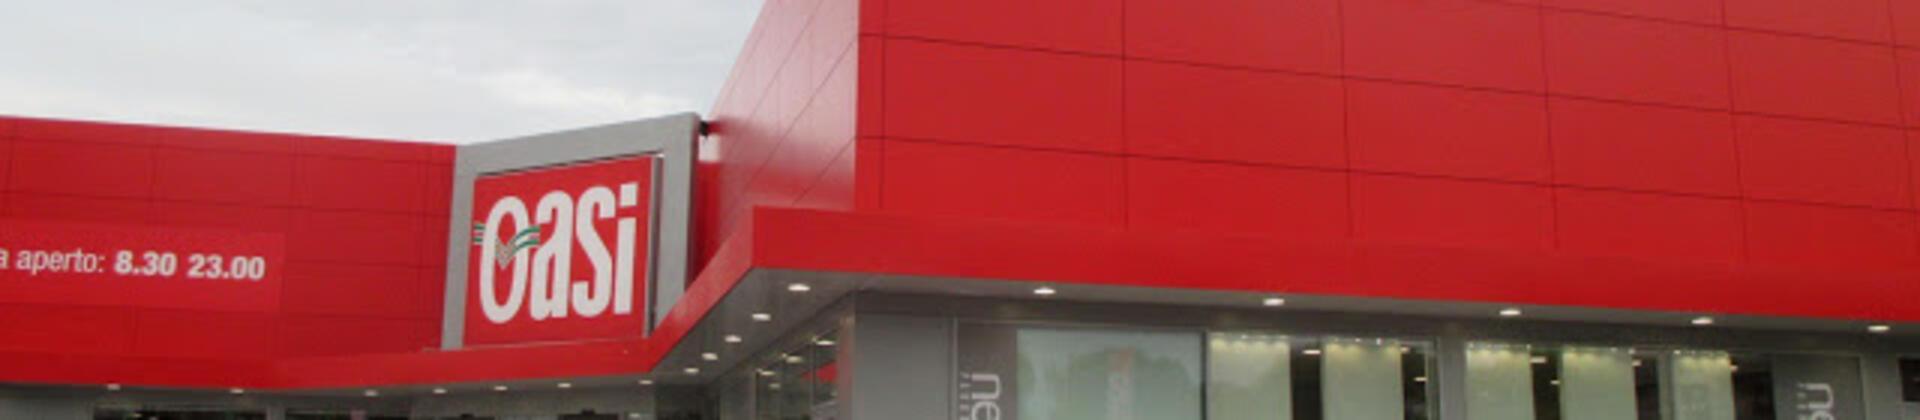 Oasi è l'ipermercato più grande di Roseto